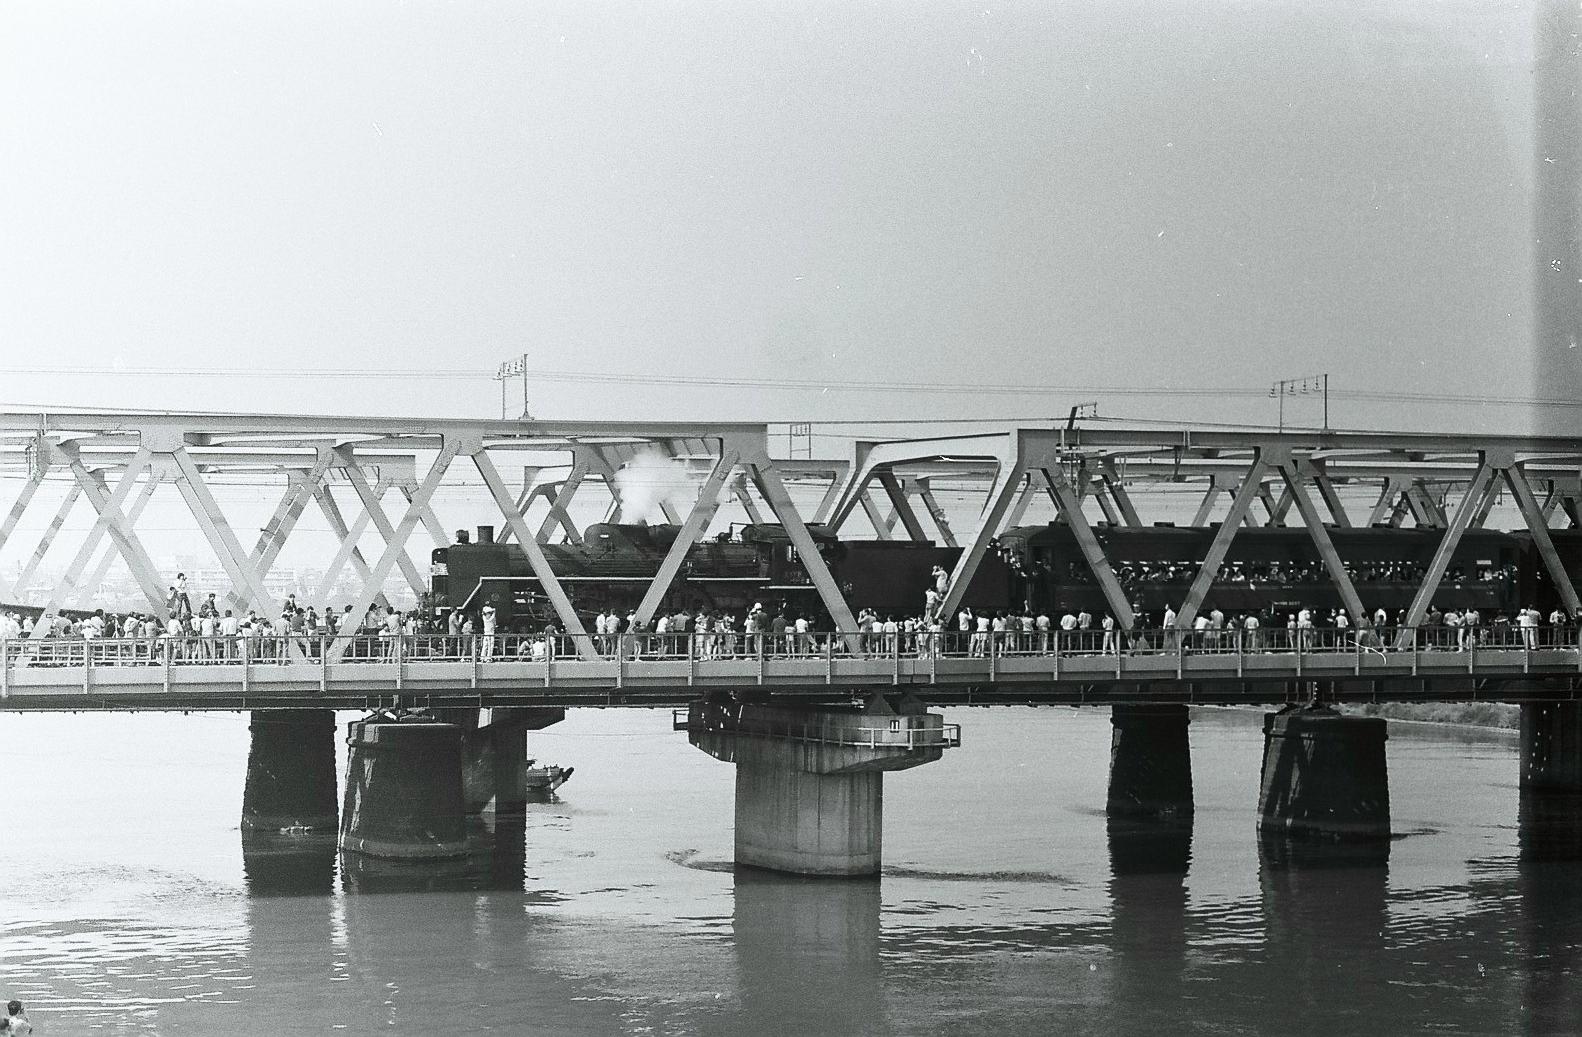 1972年の10月14日と15日、日本の鉄道開業100周年を記念して、「鉄道百年記念列車」が汐留~東横浜間で運転されました。かつての三等車を模して赤帯を入れた客車を、C57形7号機がけん引するというもので、京浜間では久しぶりのSL列車運転ということもあり、かなりの人出があったようです。こちらの写真は、10月15日に東海道本線の六郷川橋りょうで撮影されたもの。鉄橋の上、線路敷地内で撮影する多くのファンが写っています。現在は線路内に立ち入っての撮影は絶対に許されるものではありませんが、当時は規制も緩く、列車妨害にならない範囲であれば黙認されていたようです。